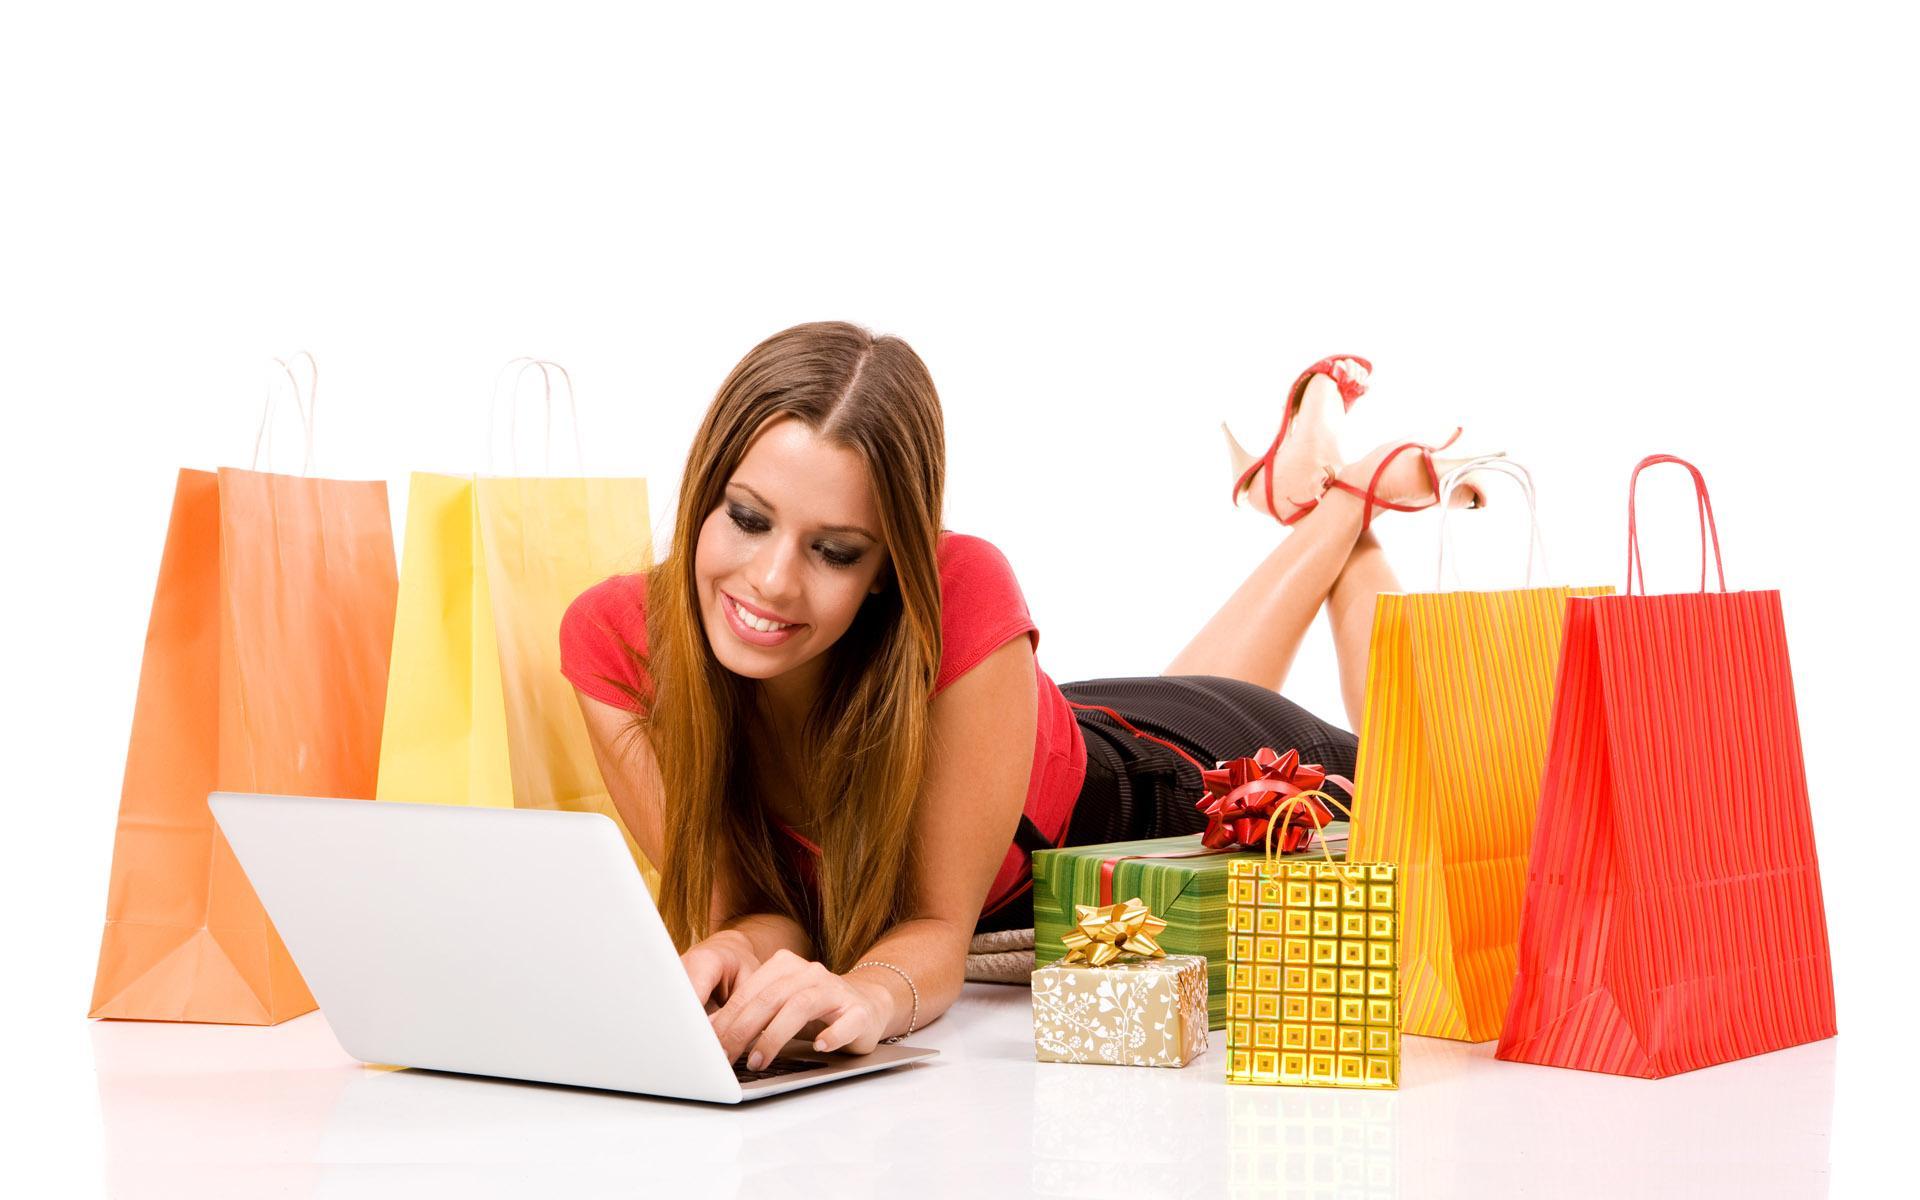 mua hang trung quoc alibaba online